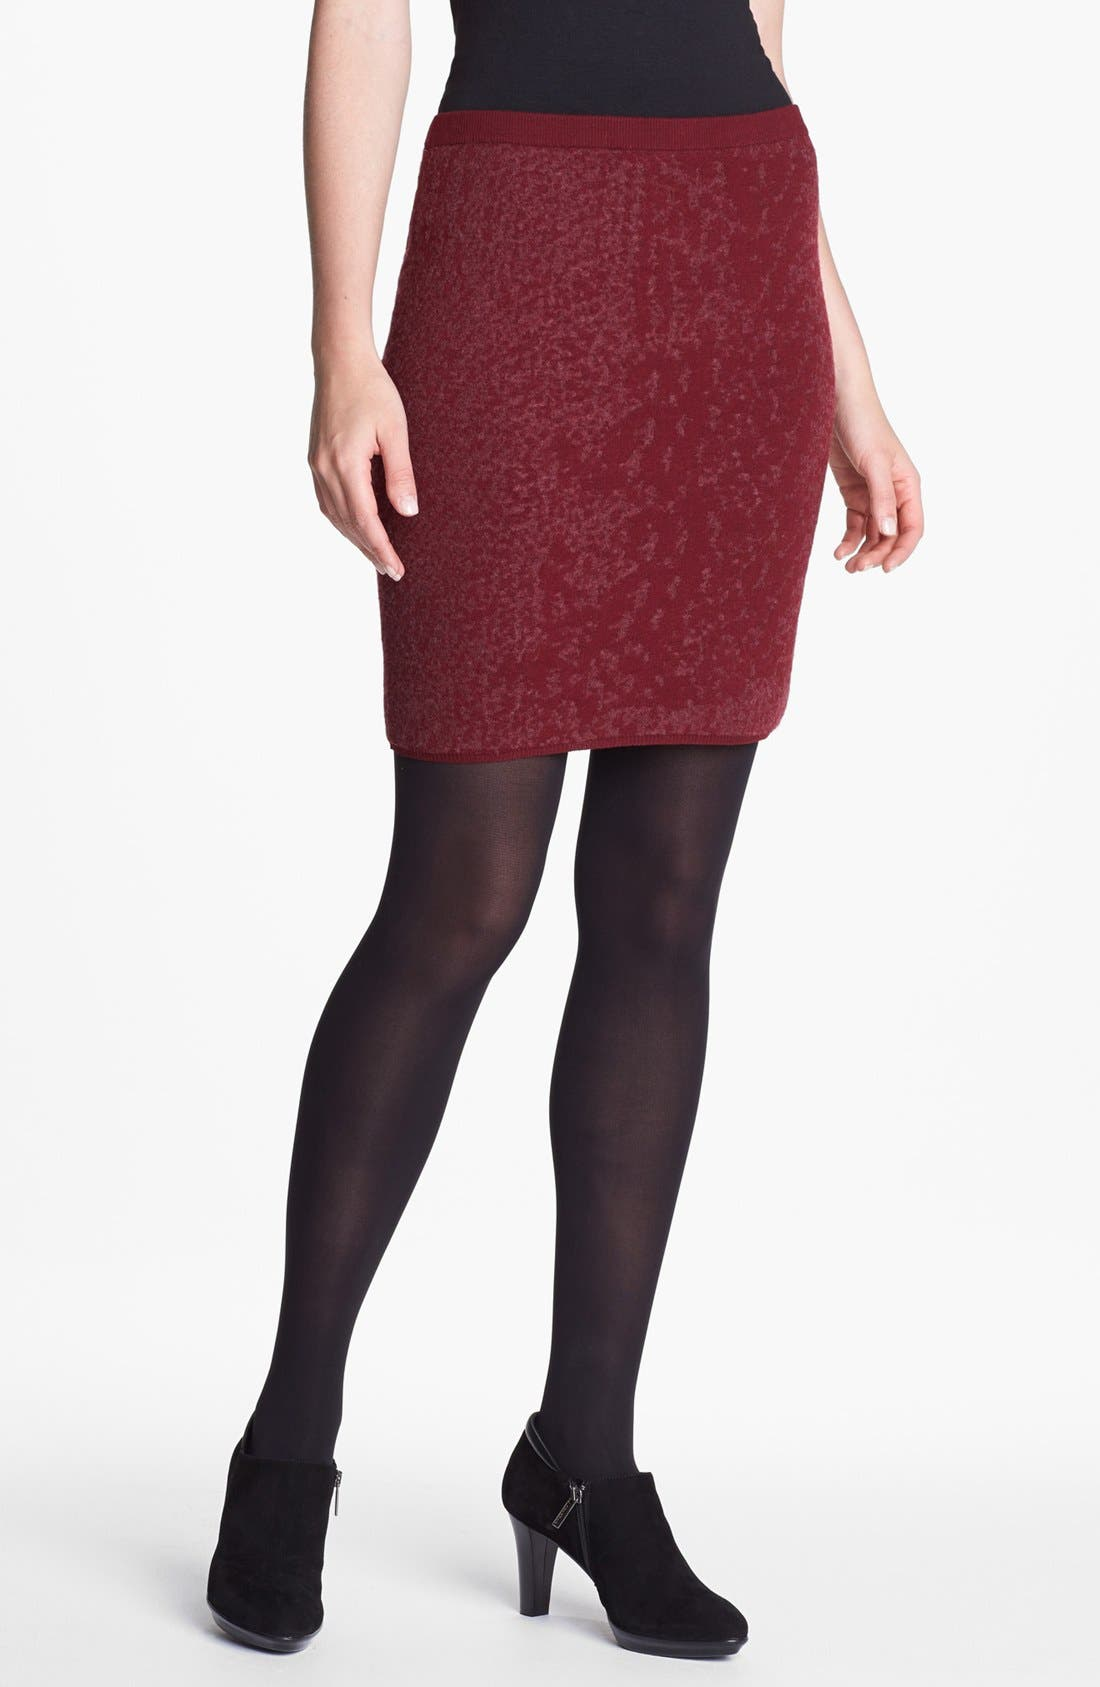 Alternate Image 1 Selected - Eileen Fisher Shadow Felted Merino Blend Skirt (Regular & Petite)